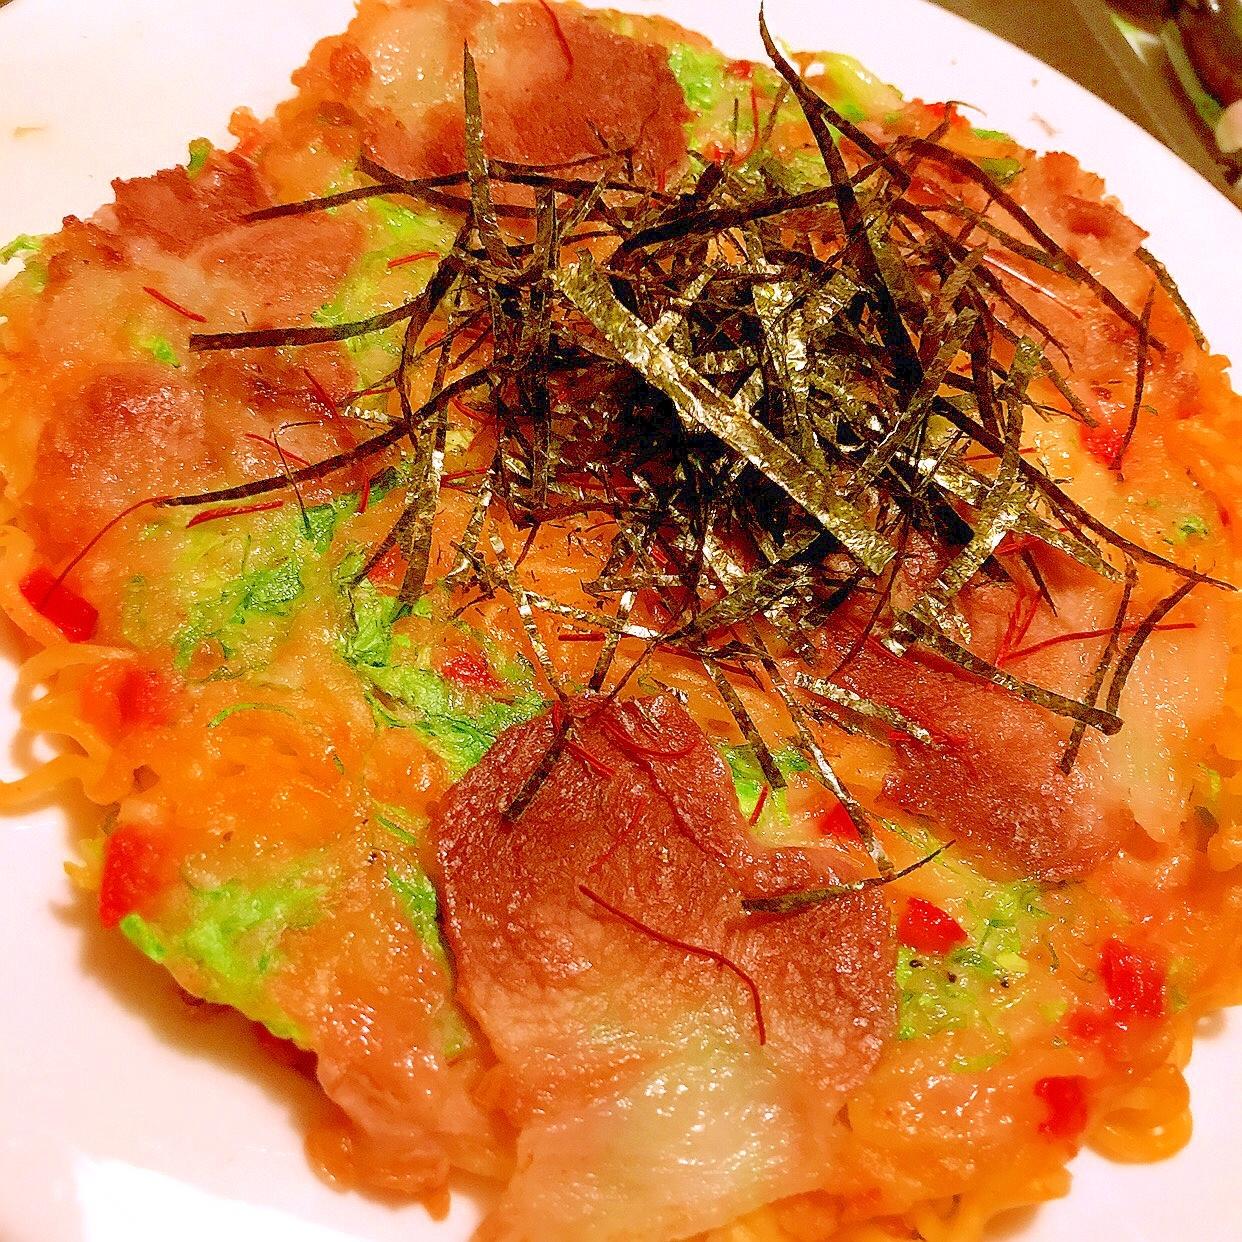 2. 韓国風豚チーズモダン焼き